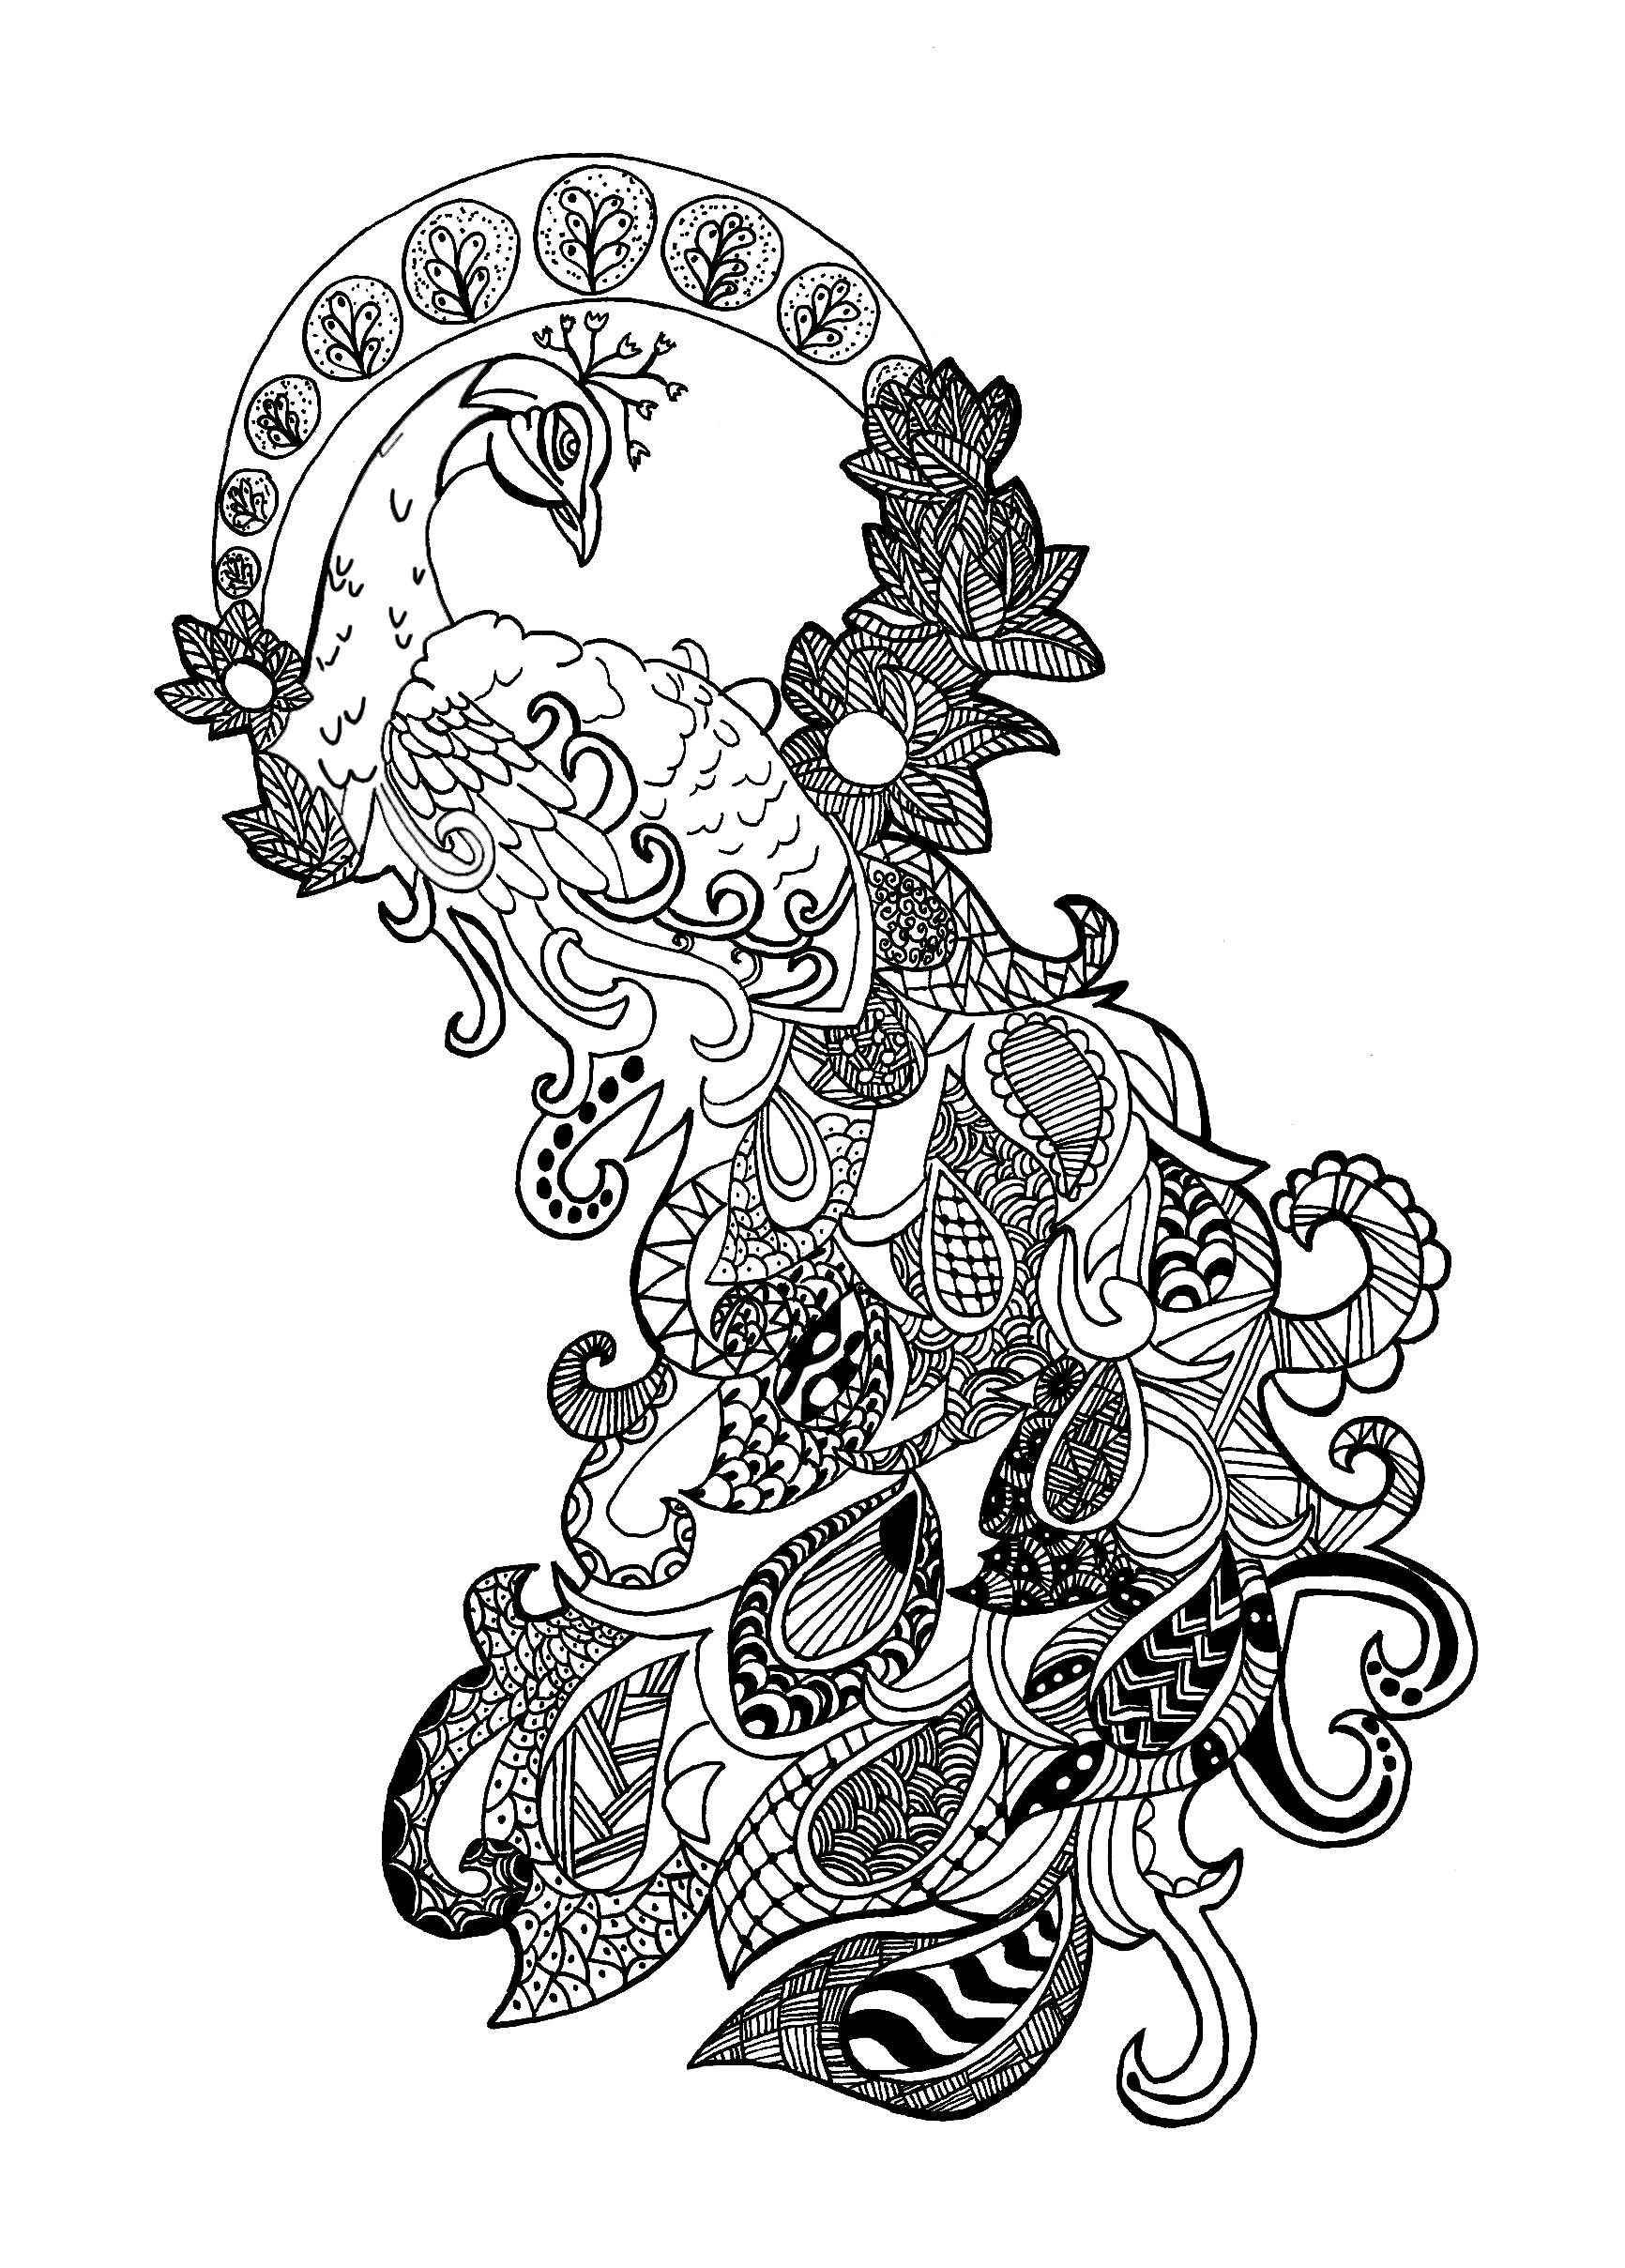 Disegni da colorare per adulti : Zentangle - 62